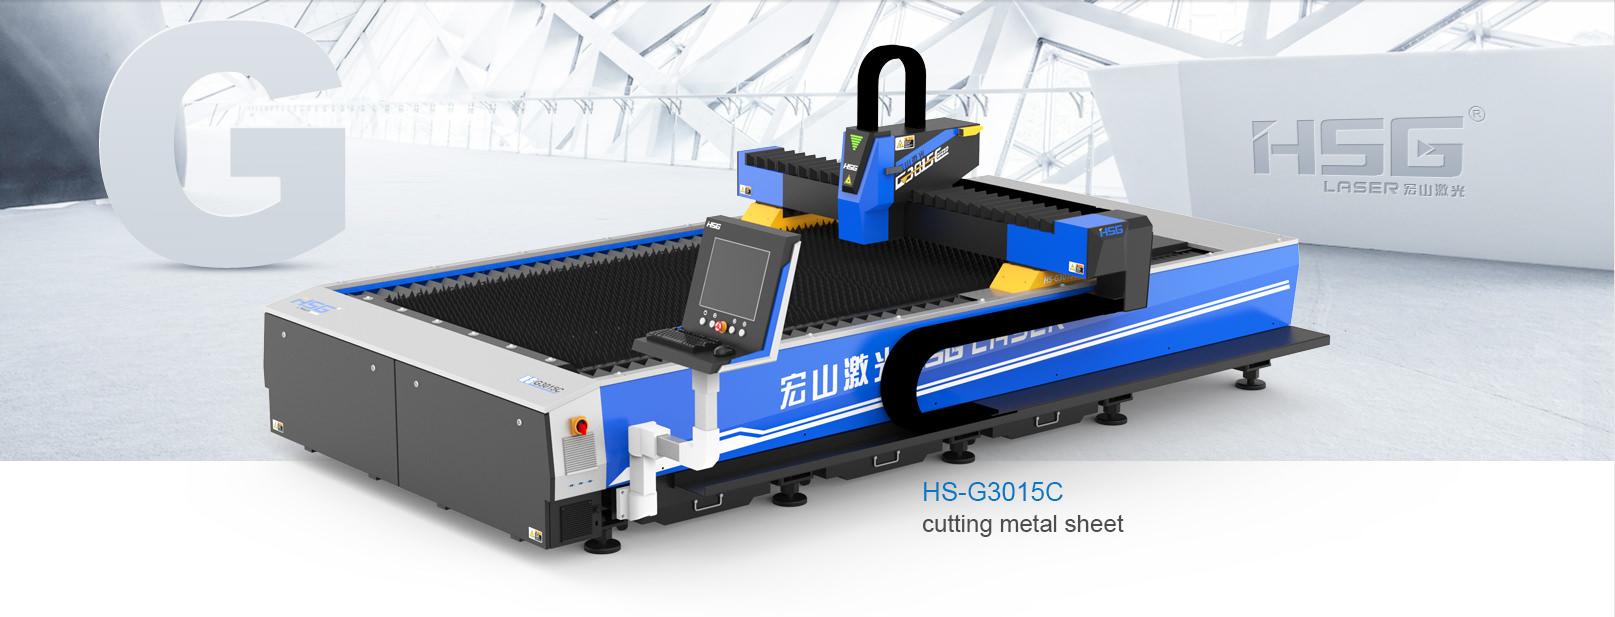 Mesin Fiber Laser Cutting Plat Metal Besi Stainless HSG 3015 C